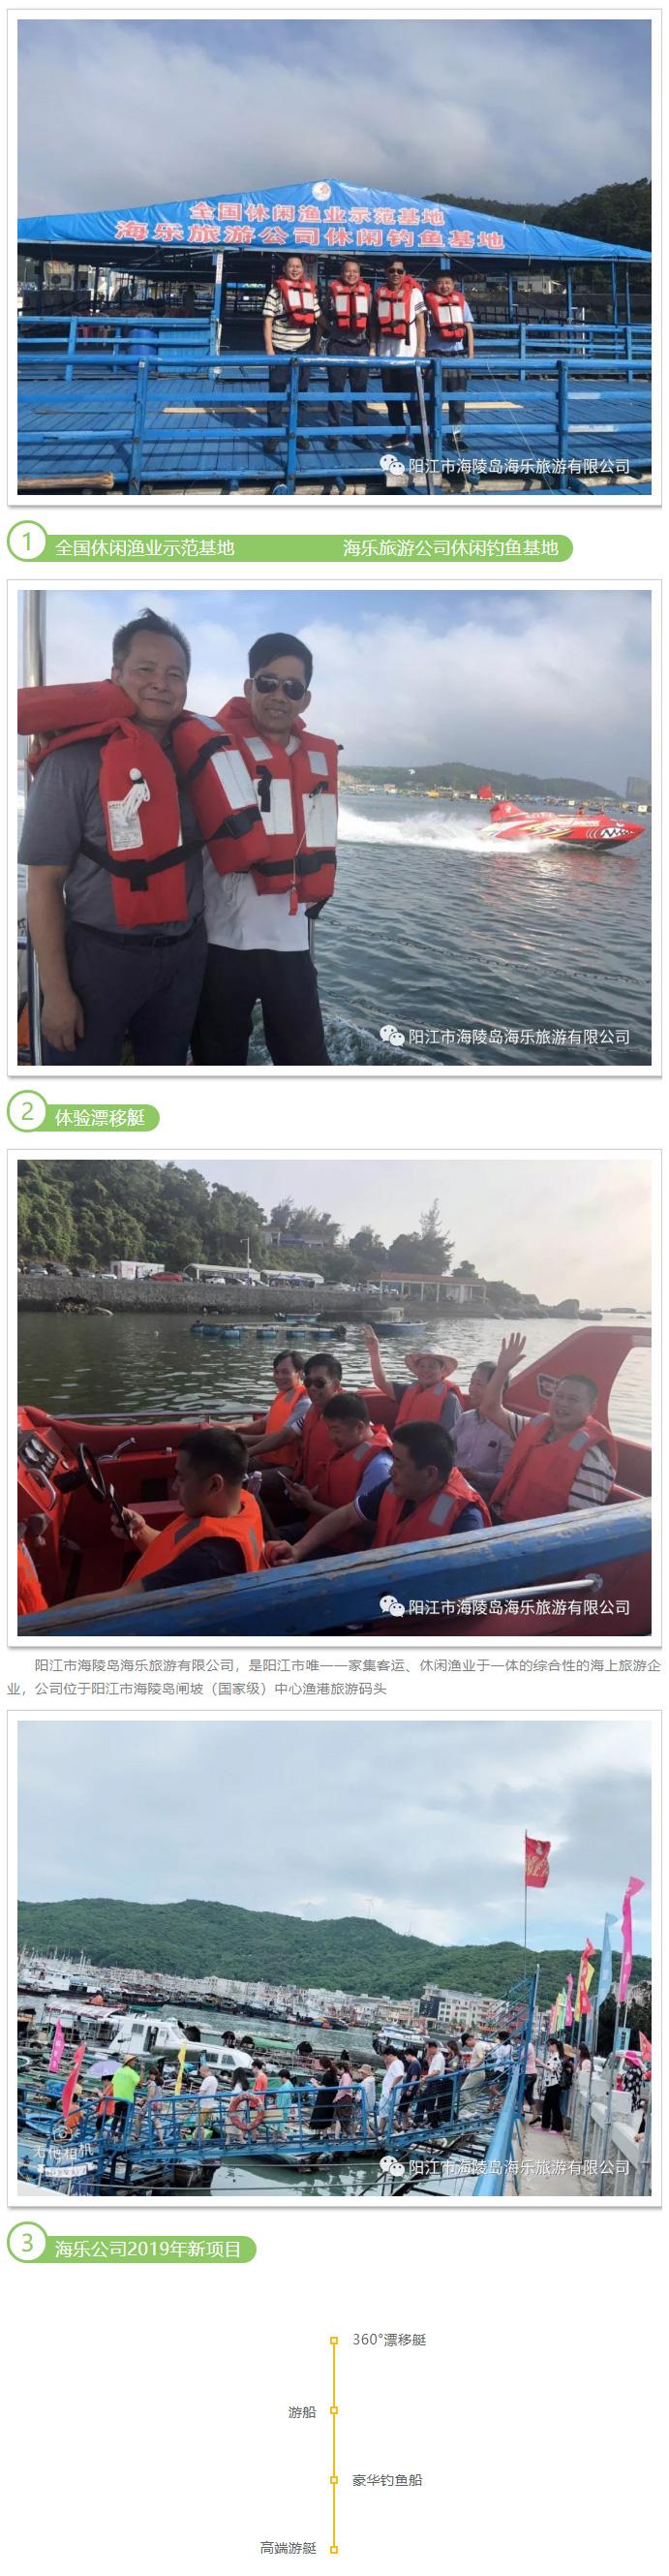 廣東省首個休閑漁業示范點—海樂旅游公司_01.jpg